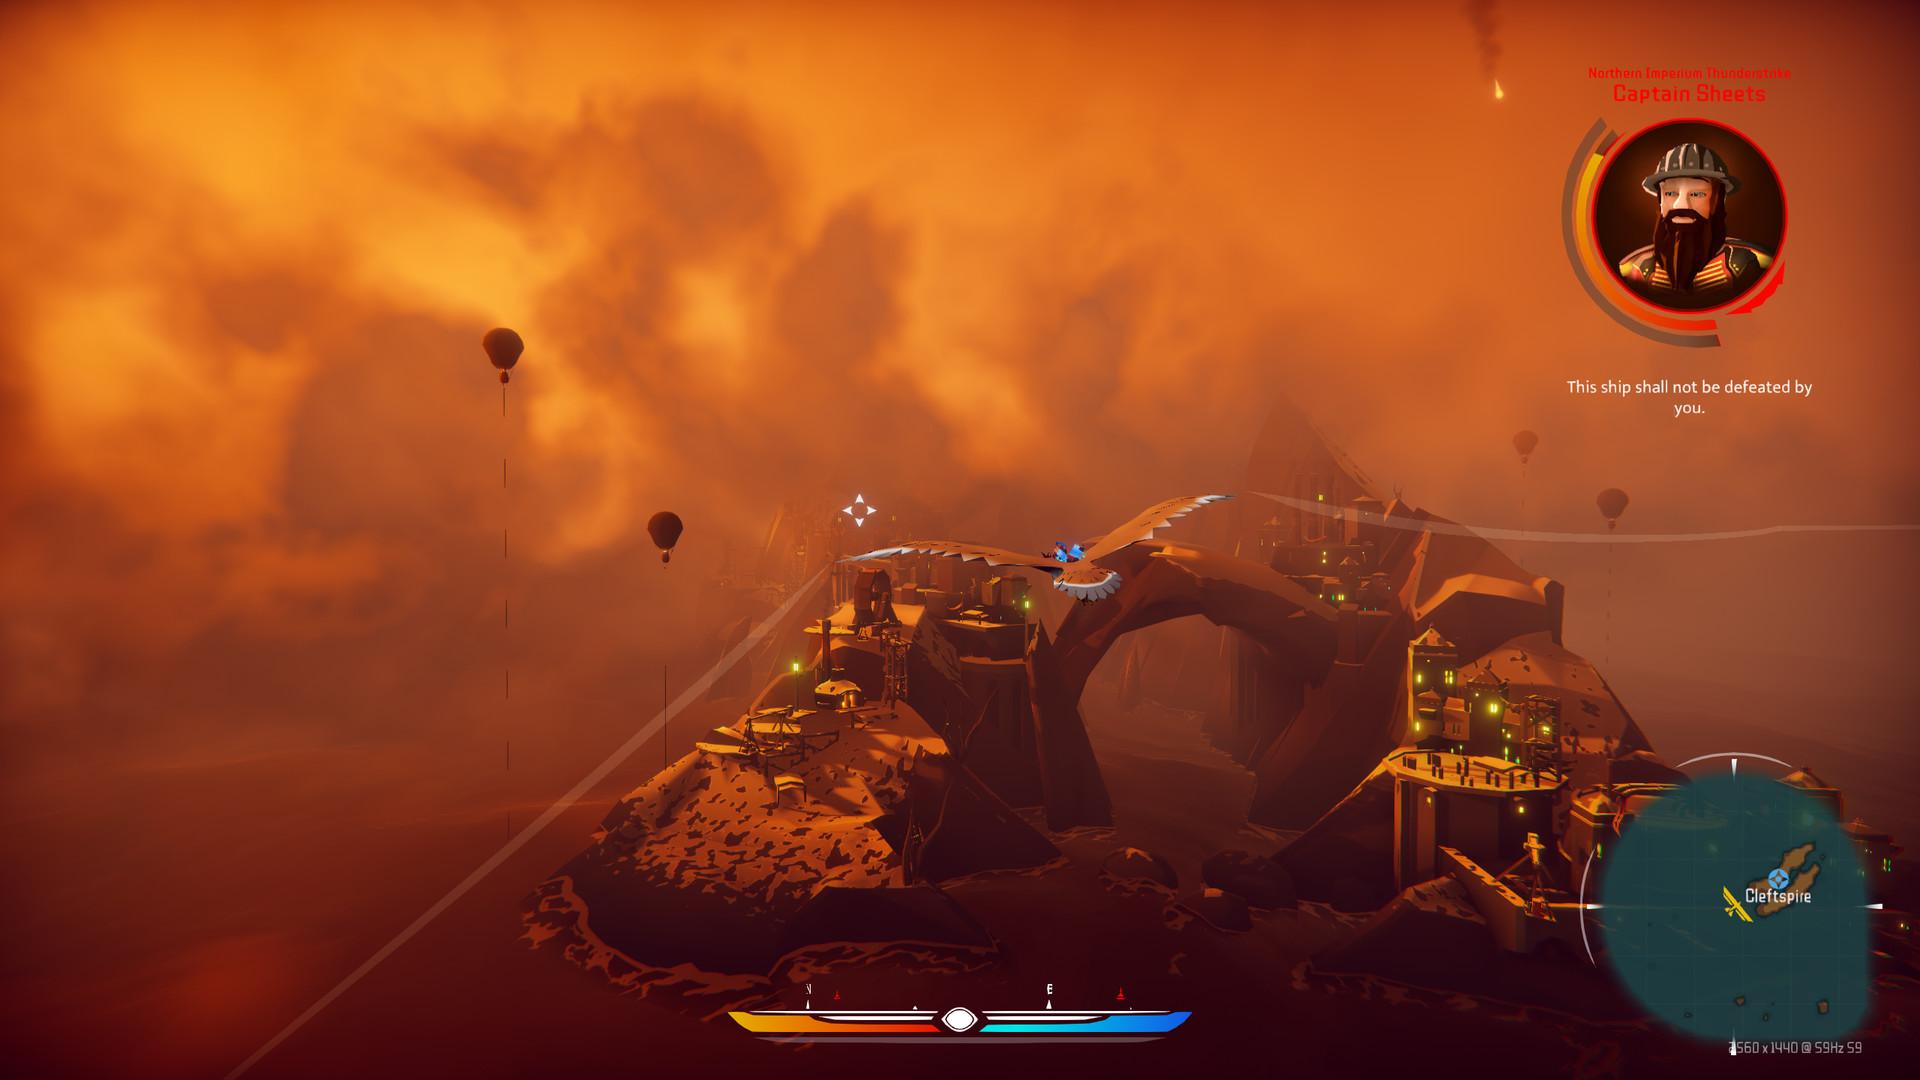 开放世界空战游戏《猎鹰者》新预告 确认登陆XSX平台